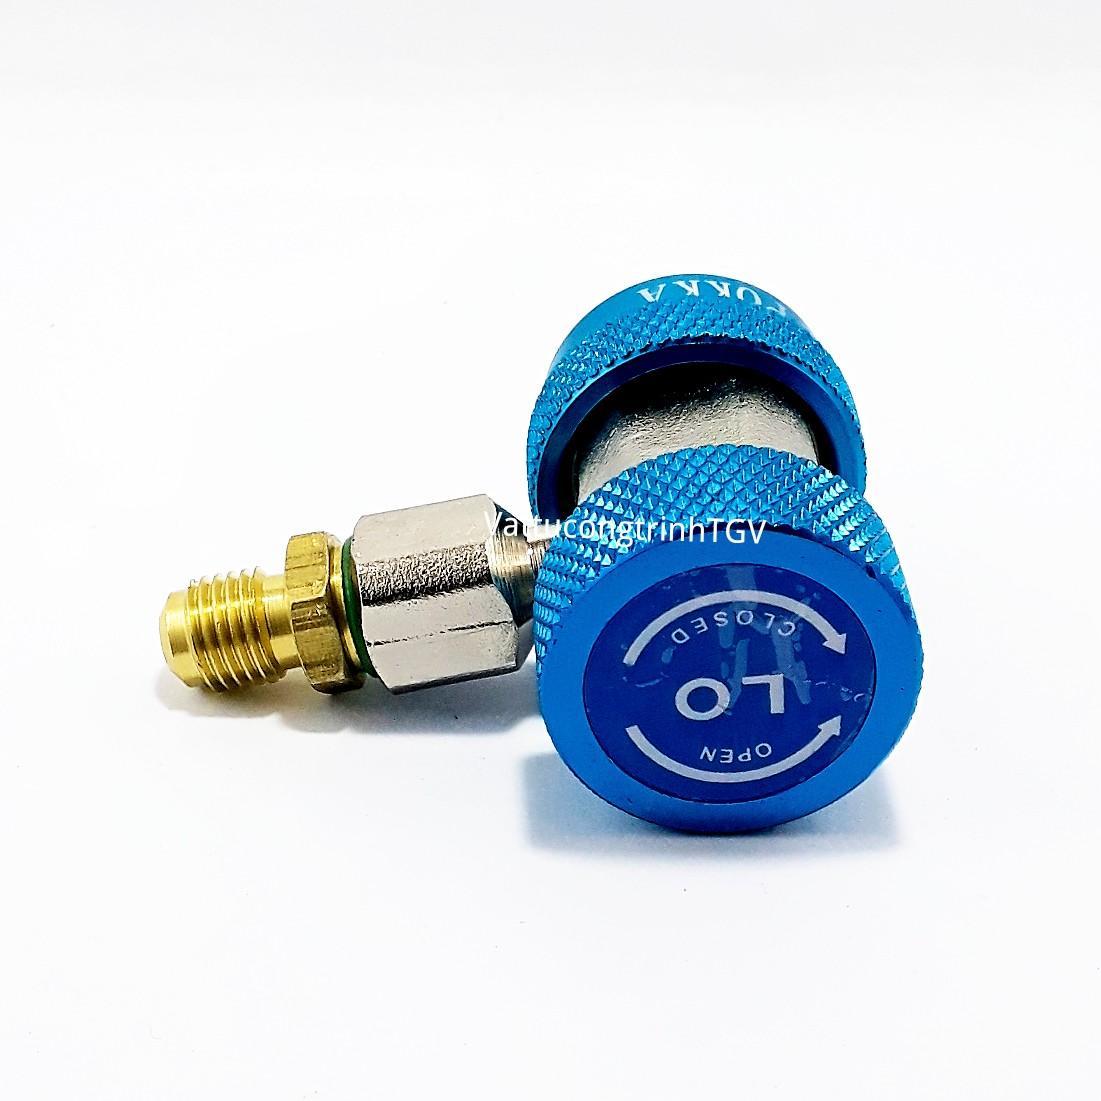 Van nạp Gas lạnh hạ áp R134 cho ô tô (xanh)